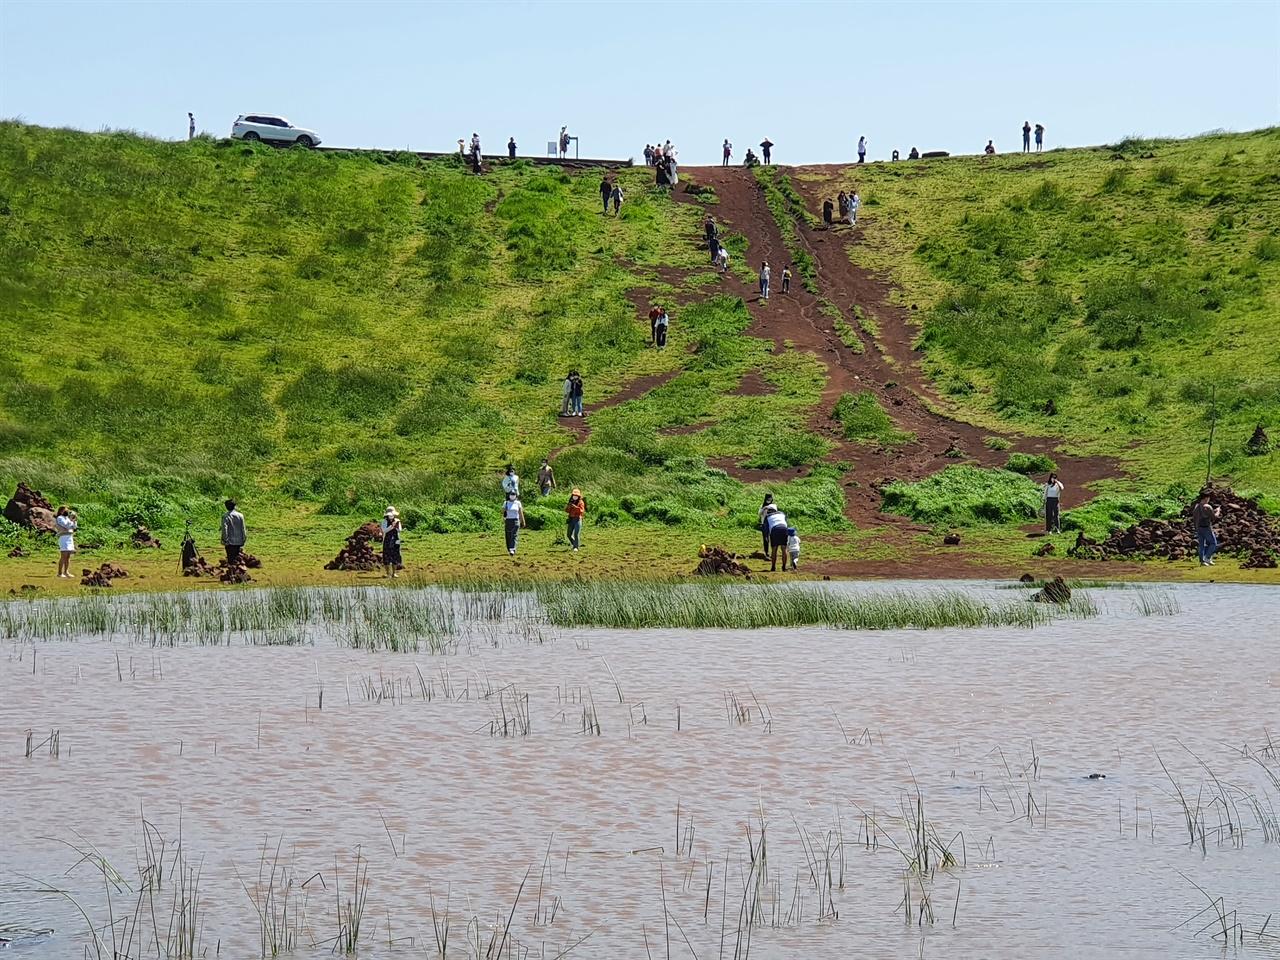 금오름의 인파 인생사진을 찍기 좋은 곳이라는 소문이 나면서 최근 관광객이 많이 몰리고 있다.